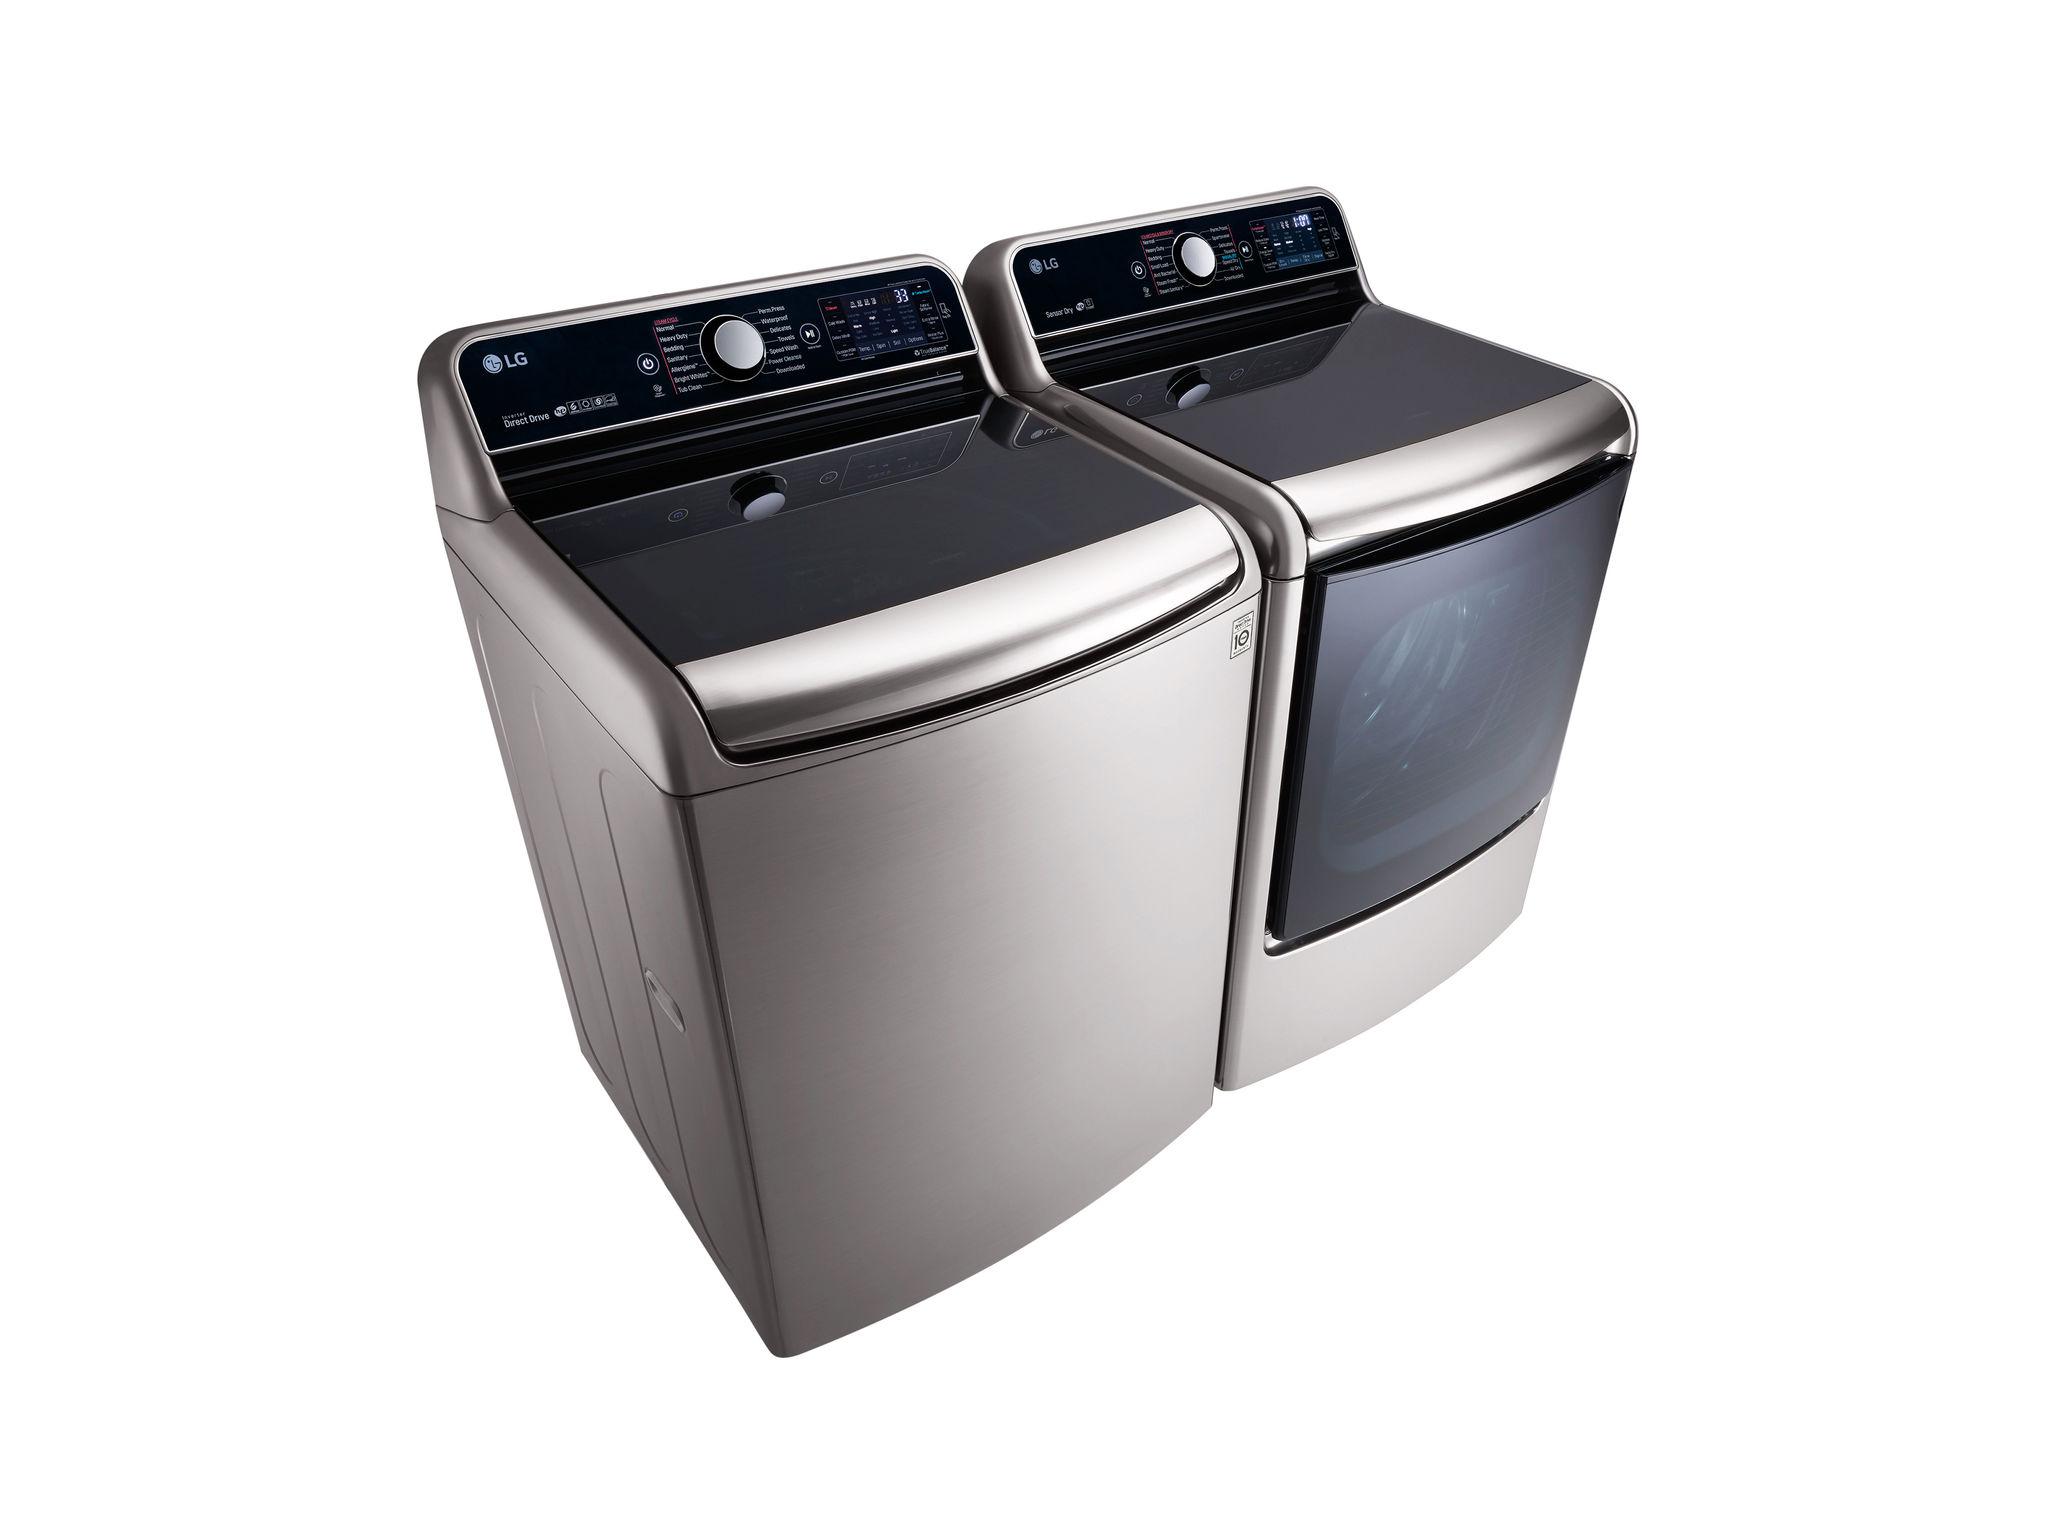 Rummy Lg Load Lg Load Entry If World Design Guide Do Load Dryers Exist Load Dryer Rack 3750el0001c houzz-03 Top Load Dryer